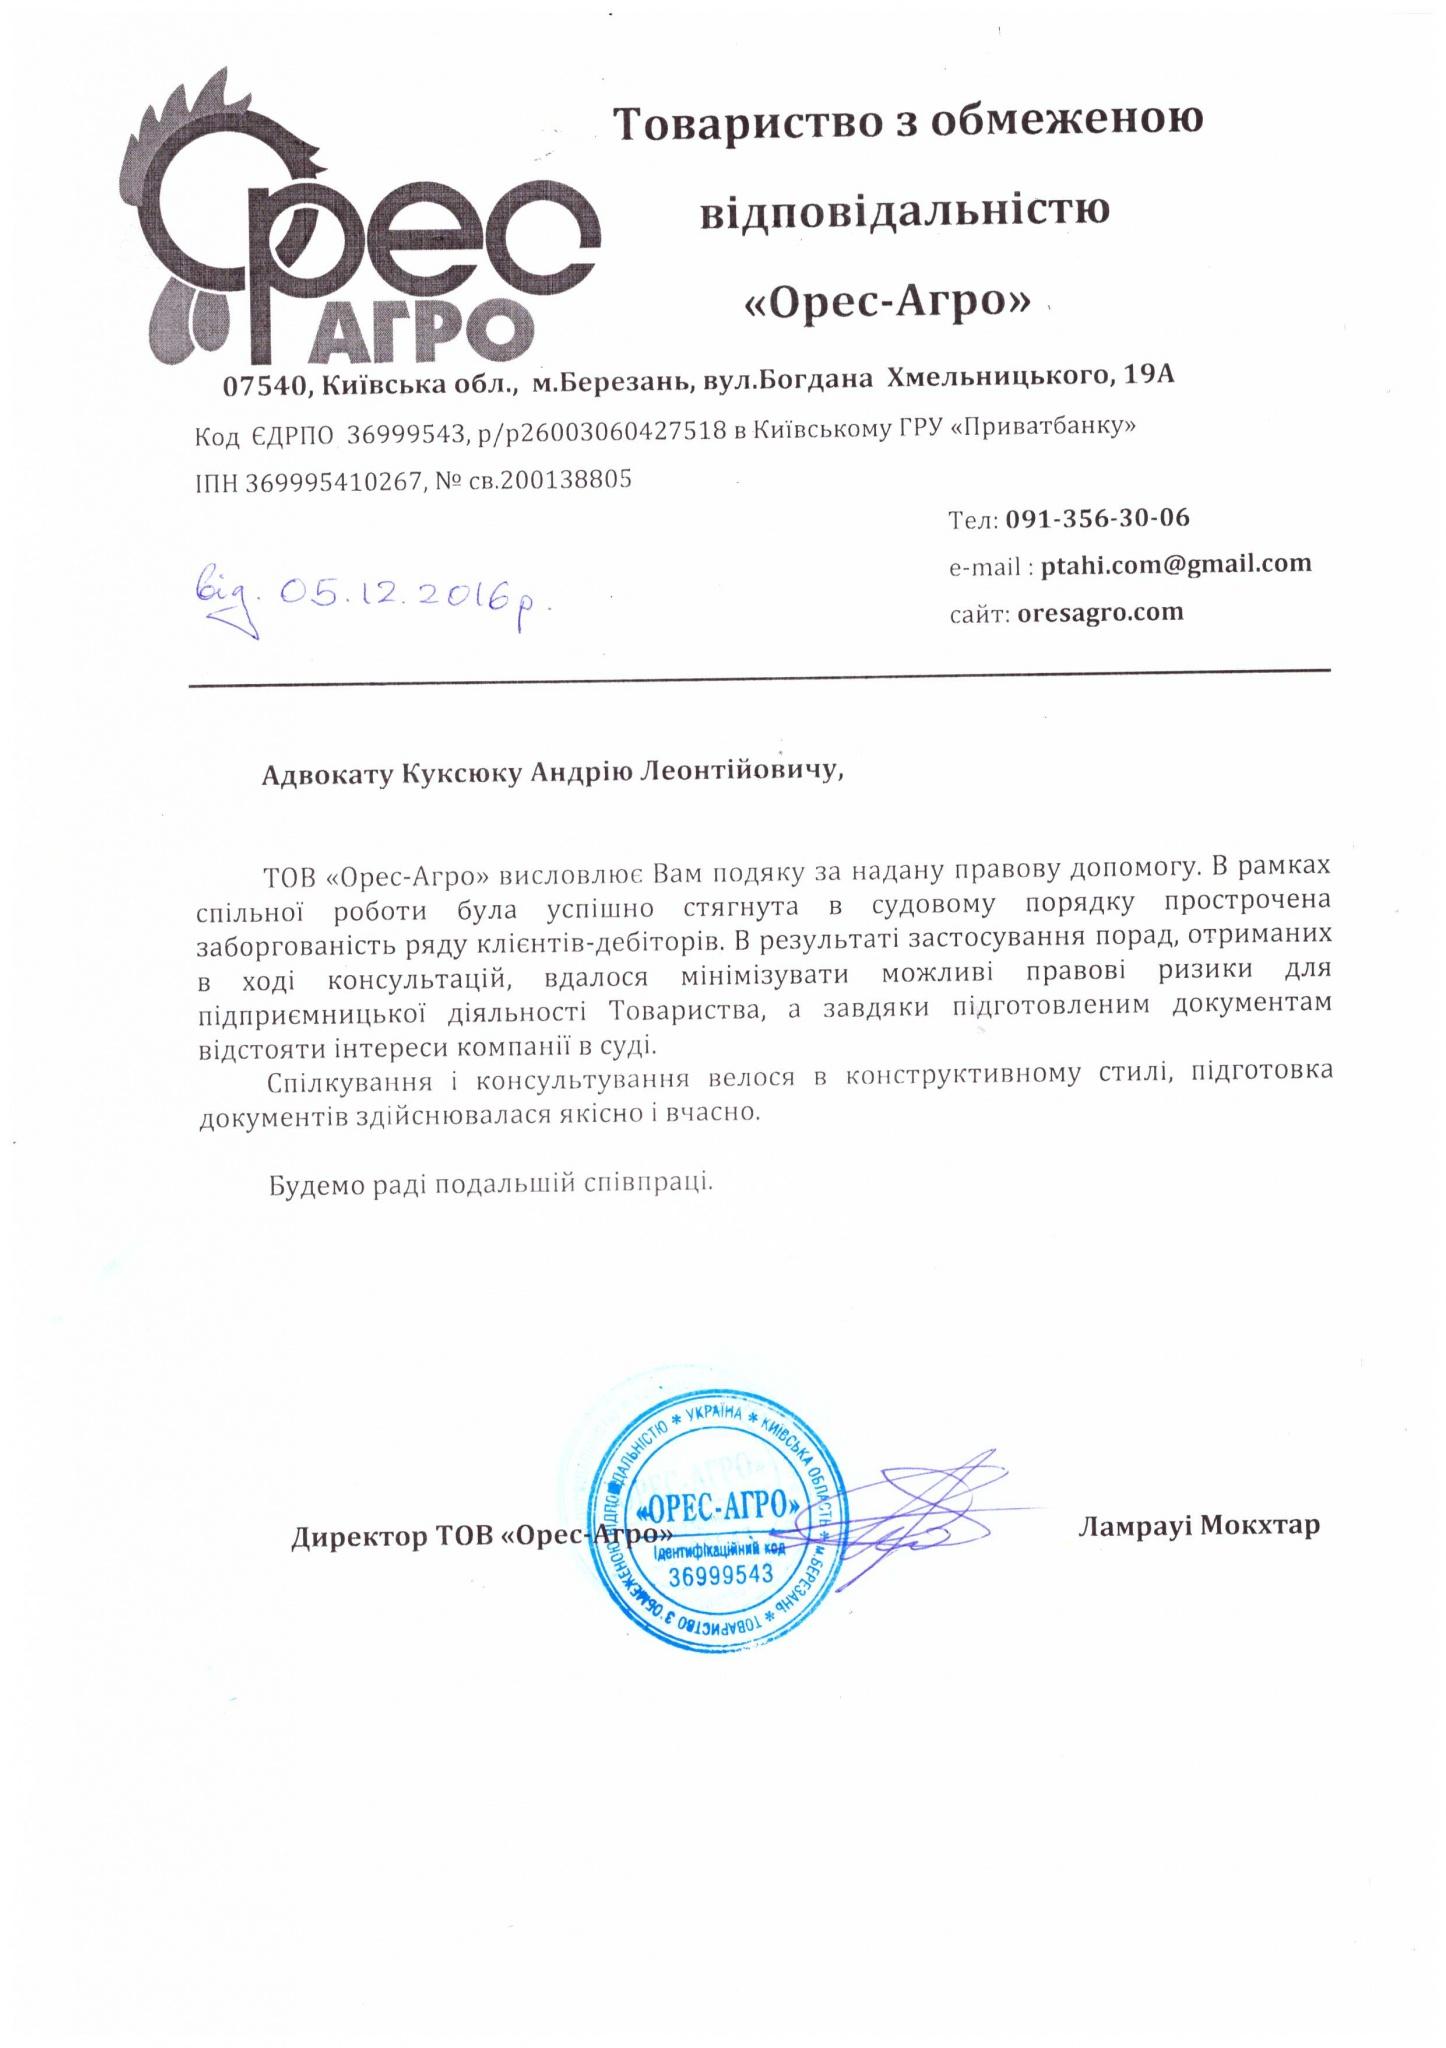 Рекомендательное письмо от Общества с ограниченной ответственностью «ОРЕС-АГРО»